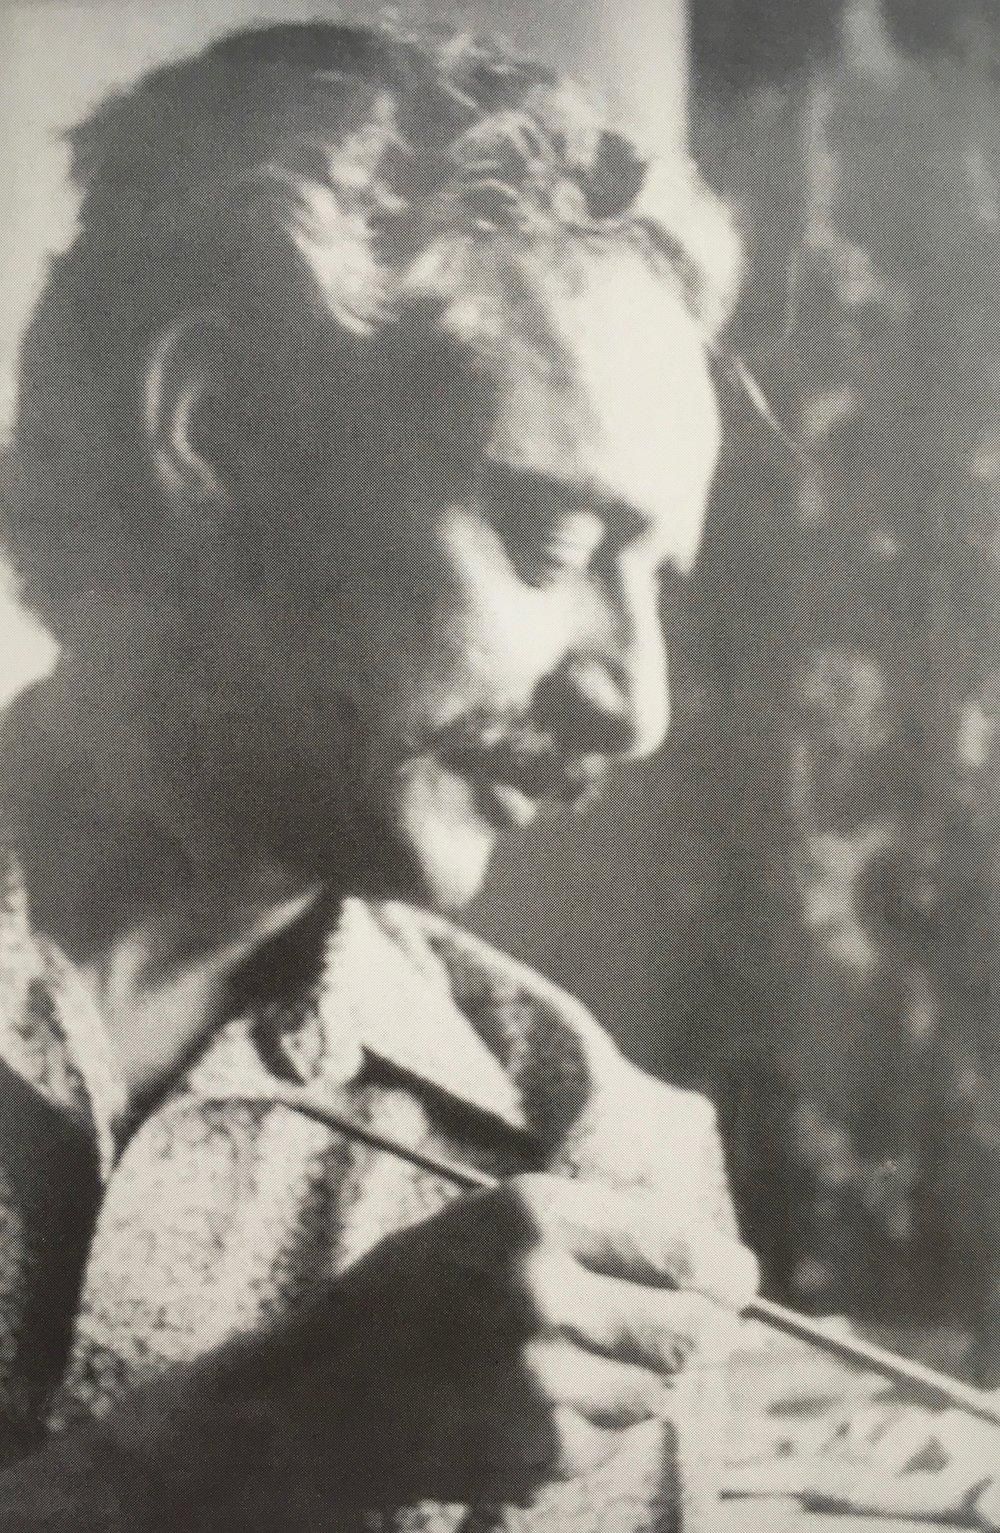 Fundación Trujillo - La Fundación Trujillo tiene como misión preservar el legado del Maestro Guillermo Trujillo